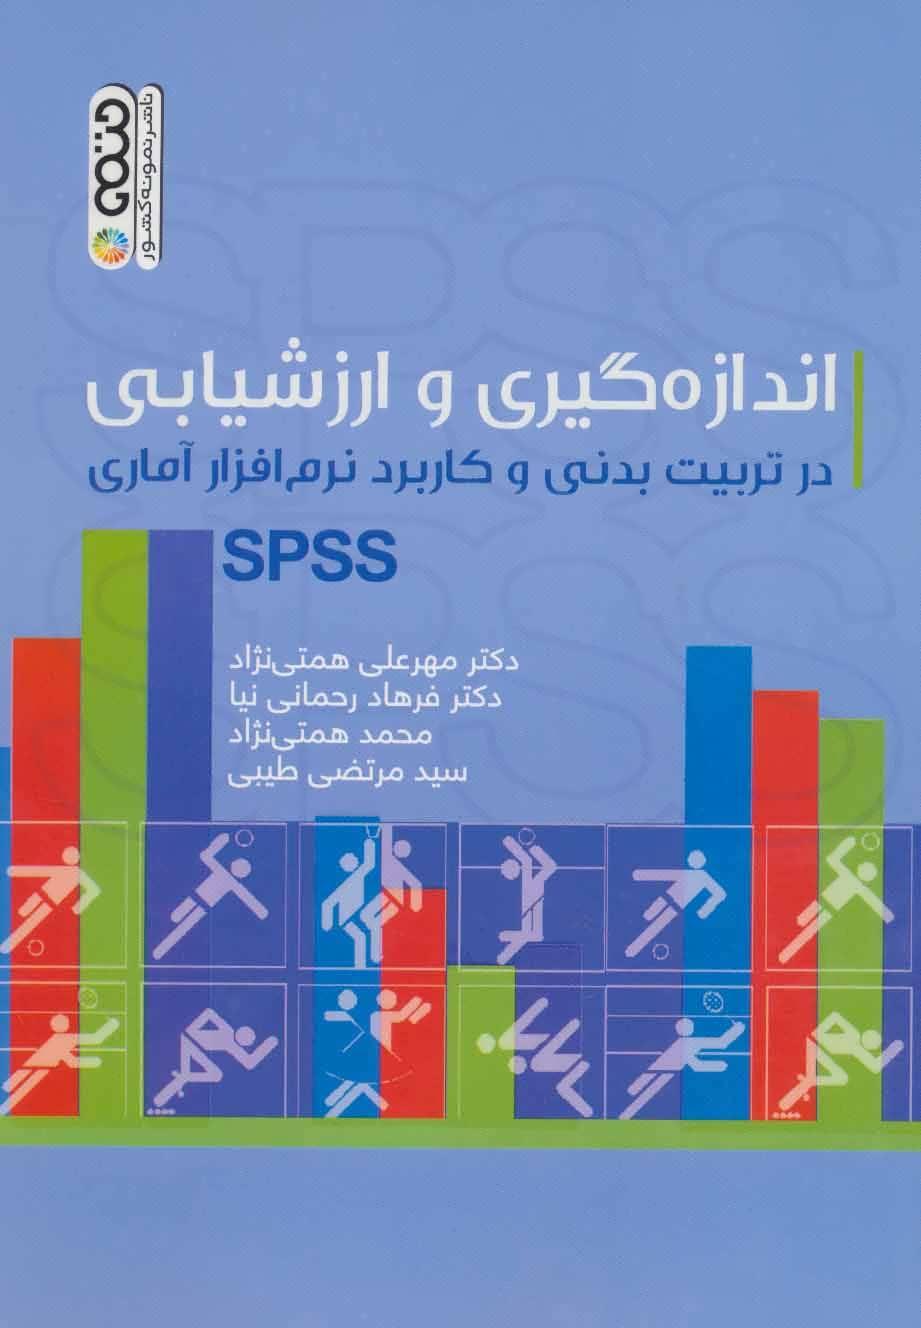 کتاب اندازه گیری و ارزشیابی درتربیت بدنی و کاربرد نرم افزار آماری SPSS